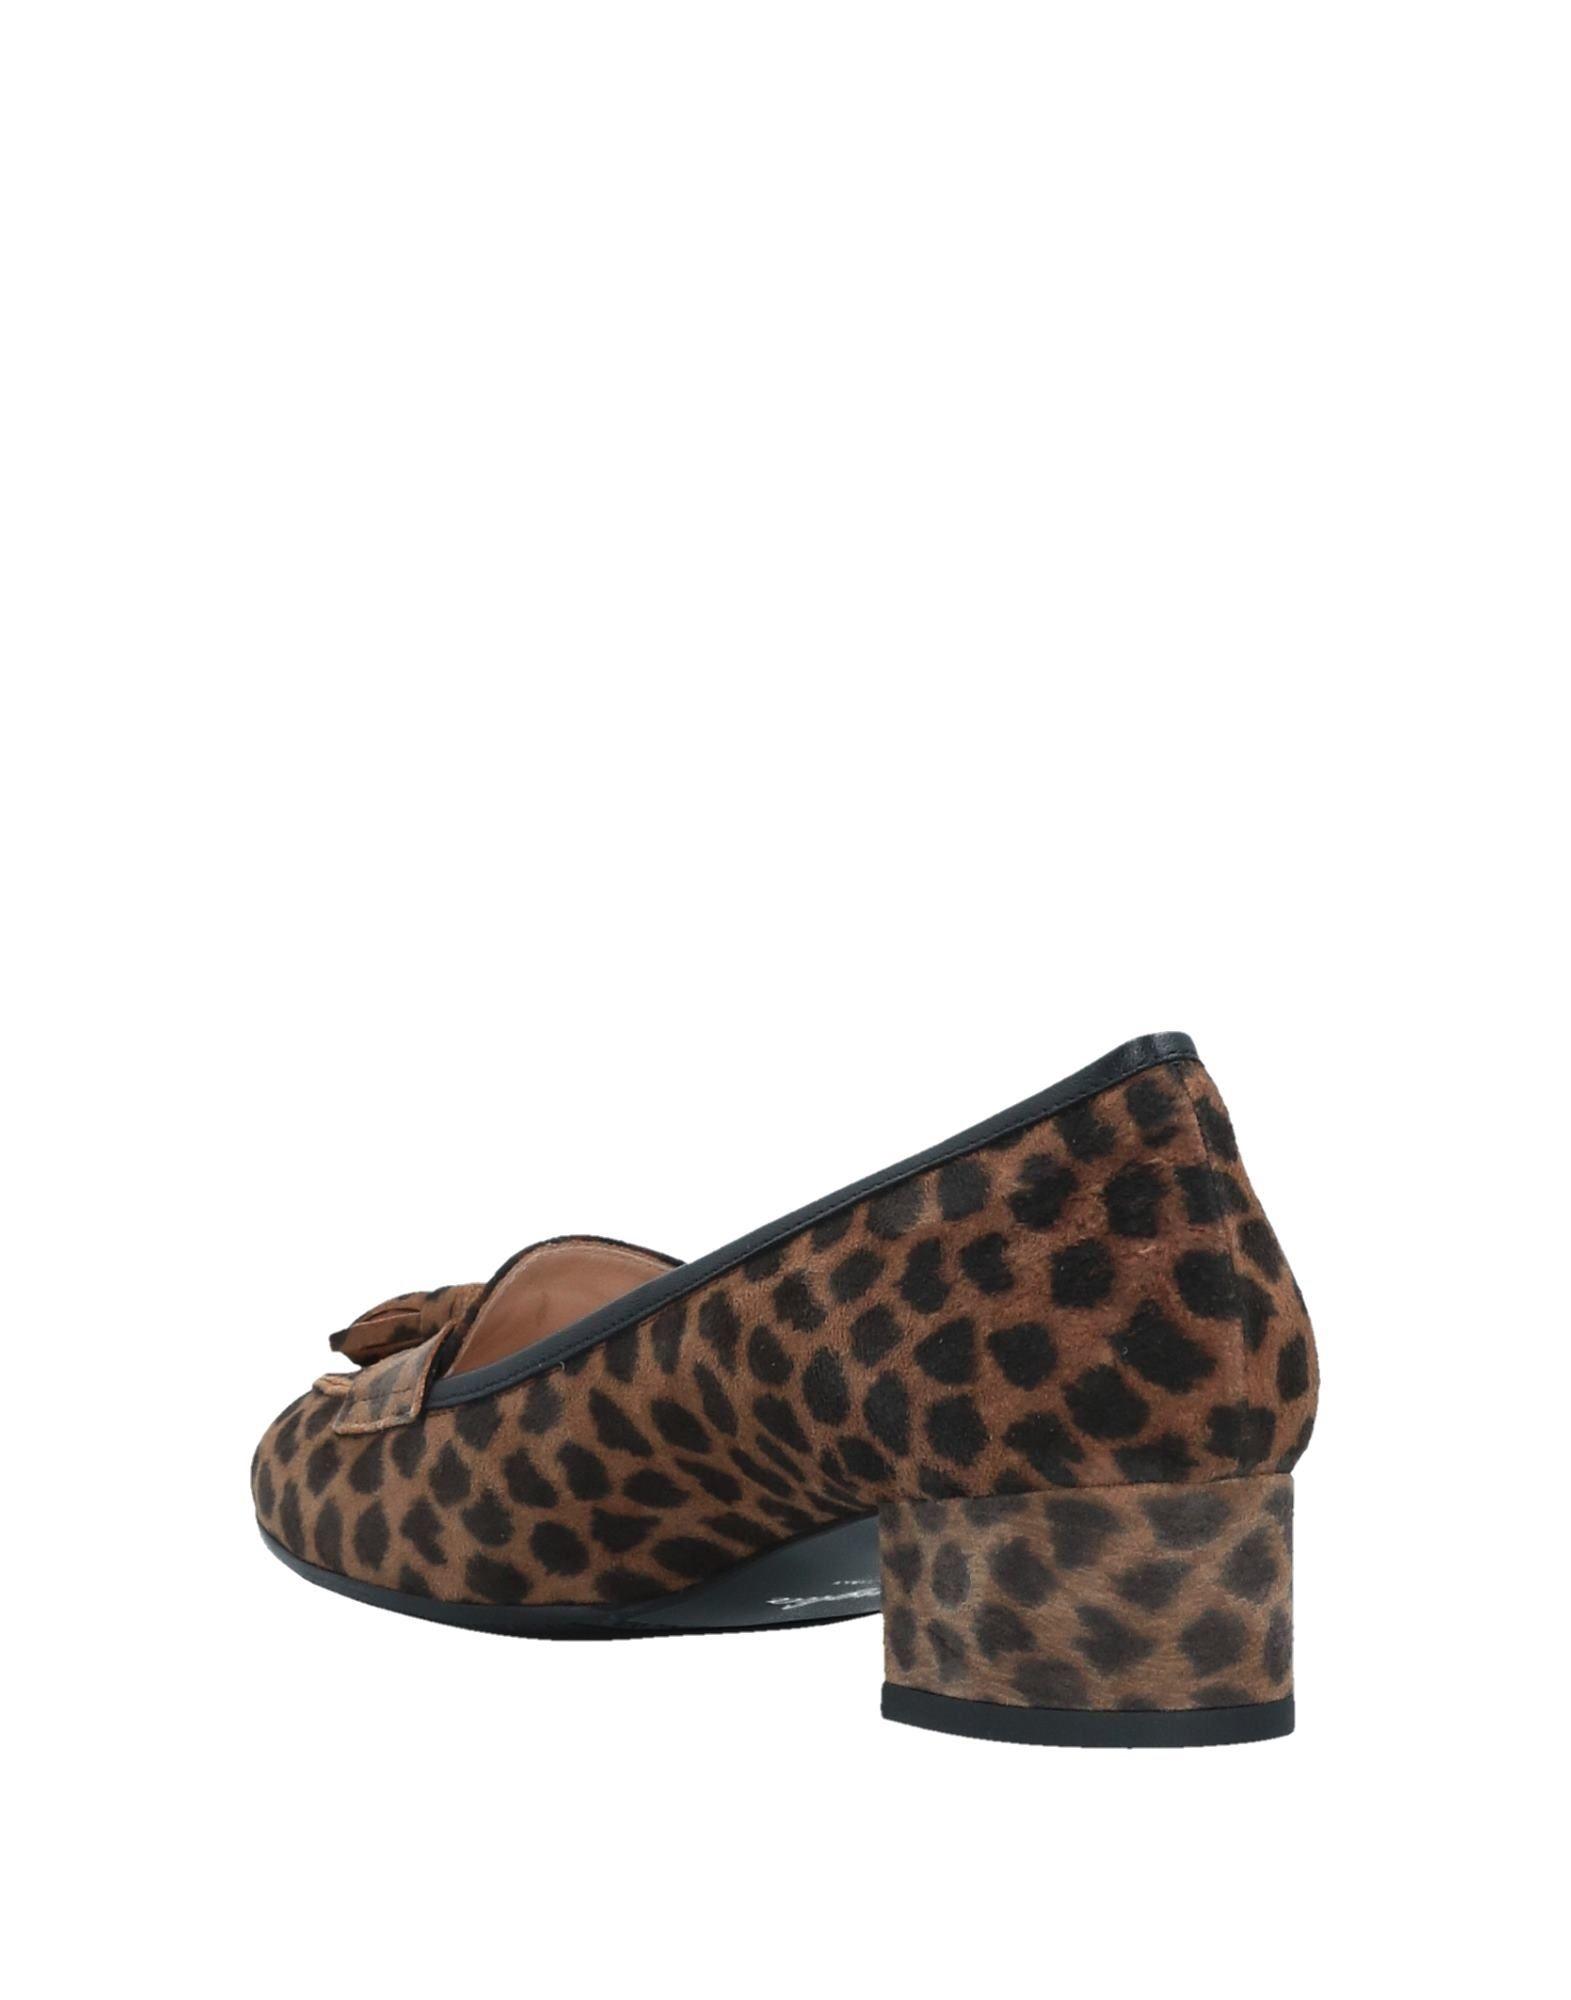 Stilvolle billige Schuhe Damen F.Lli Bruglia Mokassins Damen Schuhe  11520417KQ cc6632